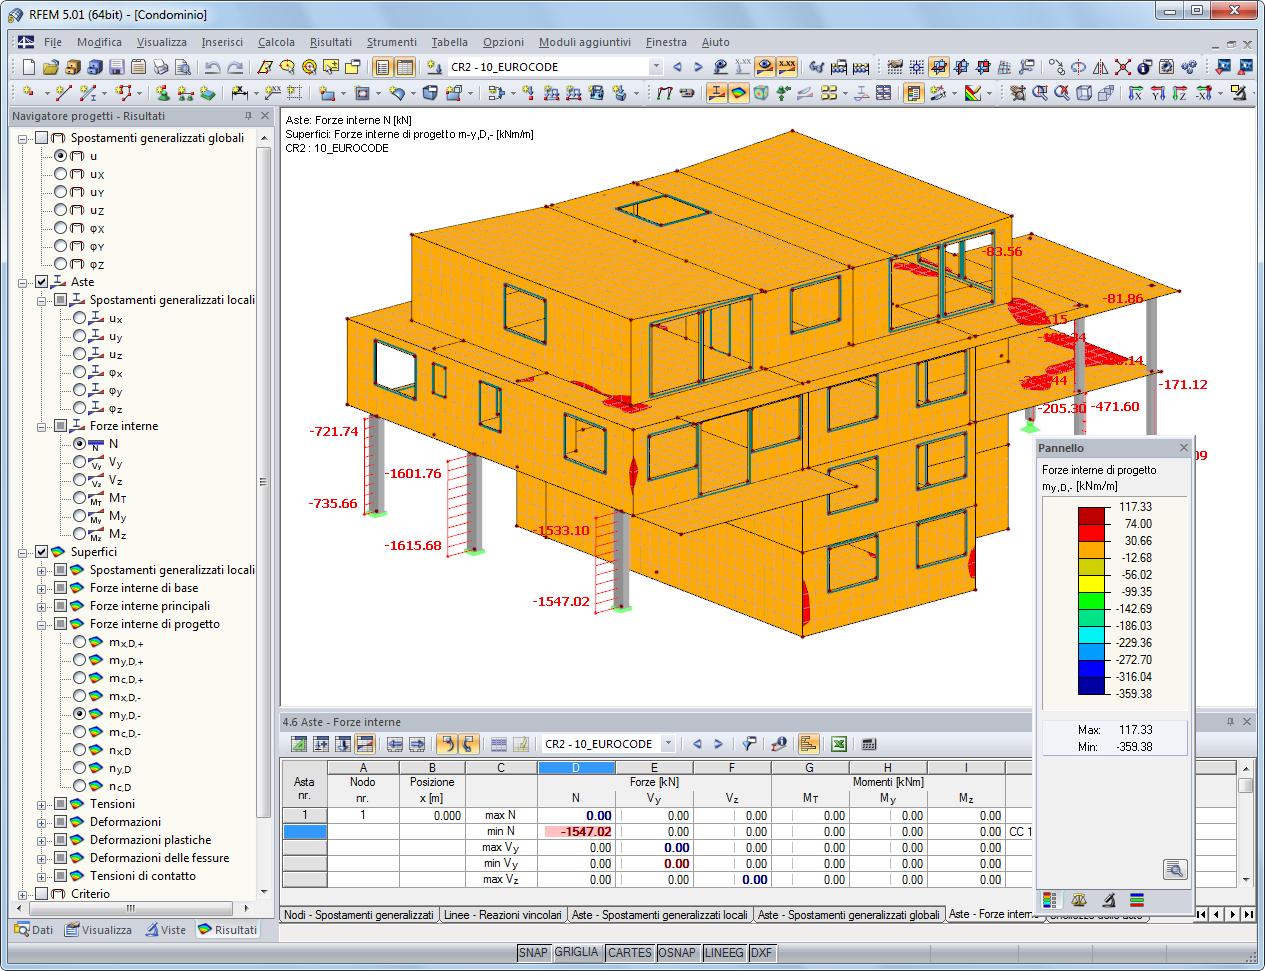 Rfem programma di analisi e progettazione strutturale fem for Programma progettazione